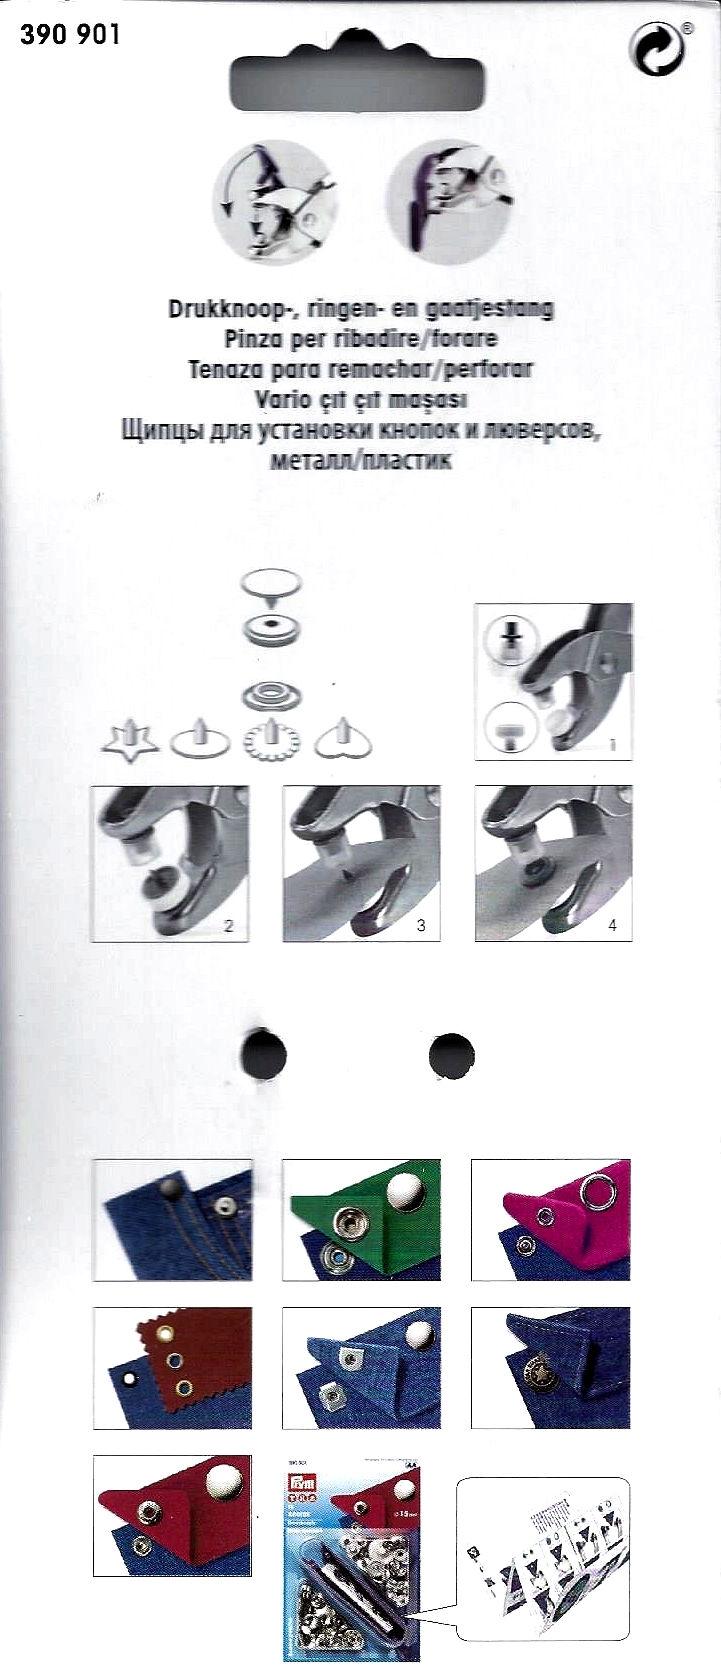 Prym combi verpakking, Variotang en hulpstukjes colorsnaps